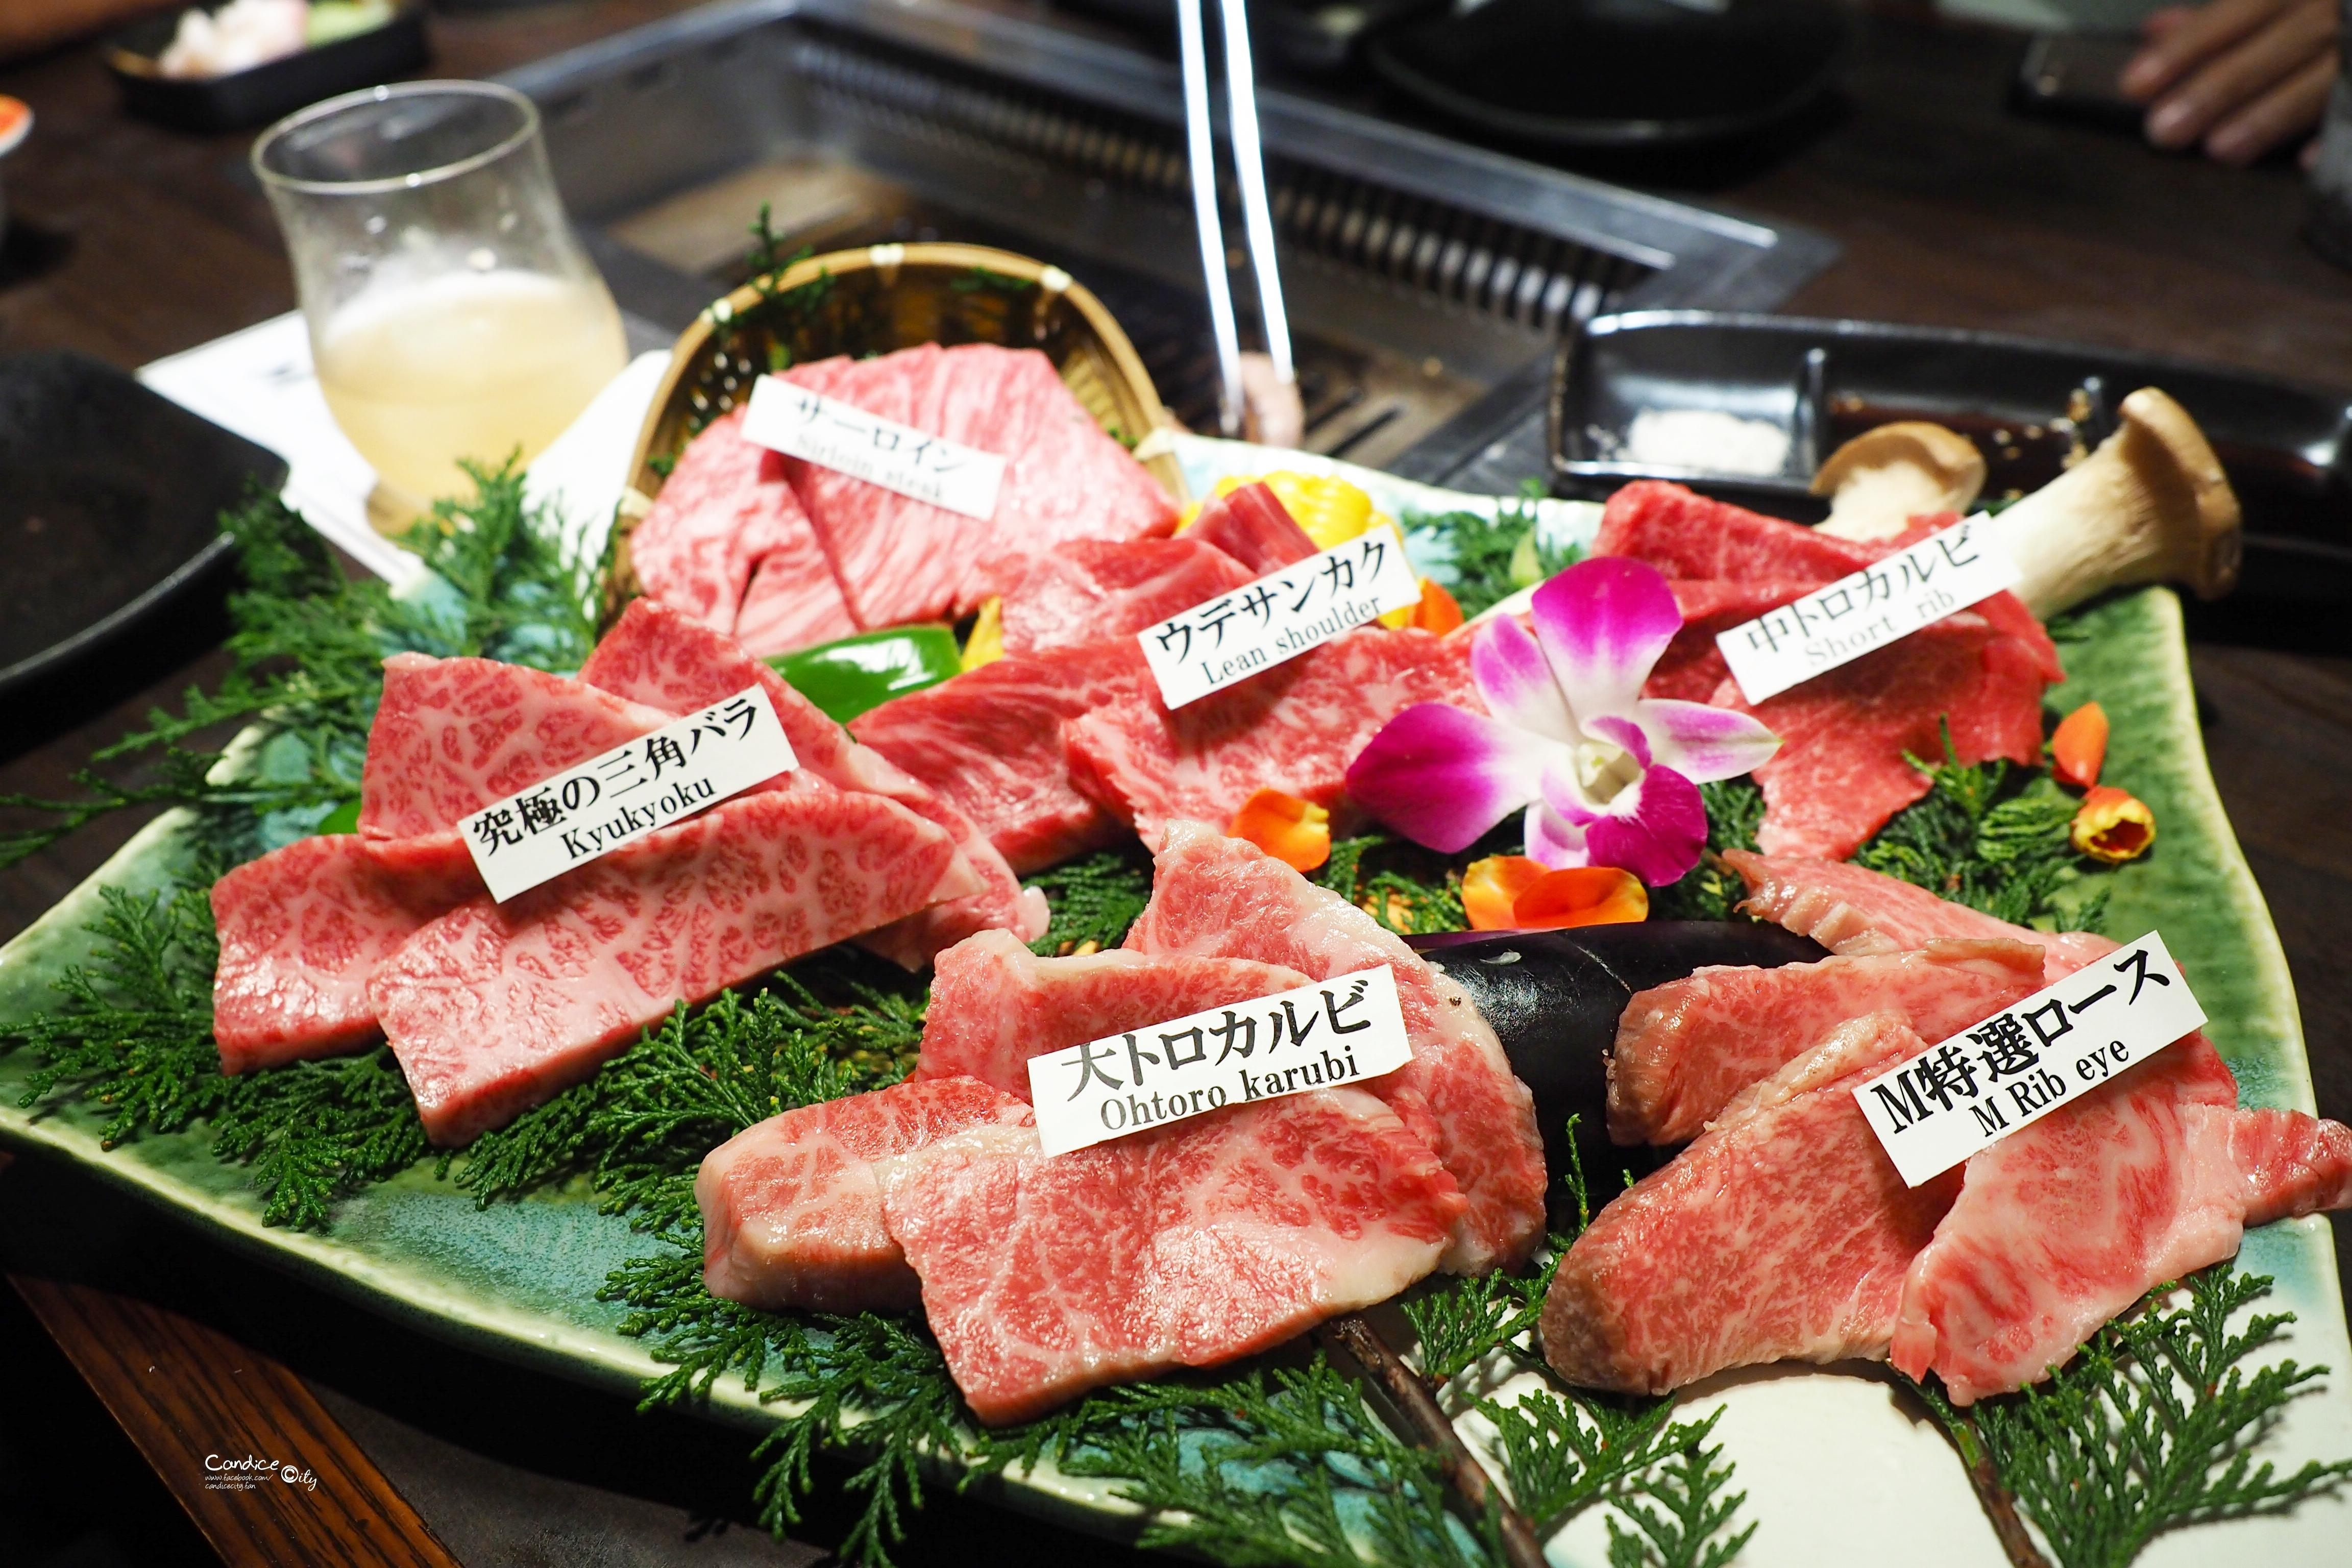 松阪牛 燒肉M 吃了回不去的美味和牛燒肉.大阪難波心齋橋燒肉推薦!   陳小沁の吃喝玩樂